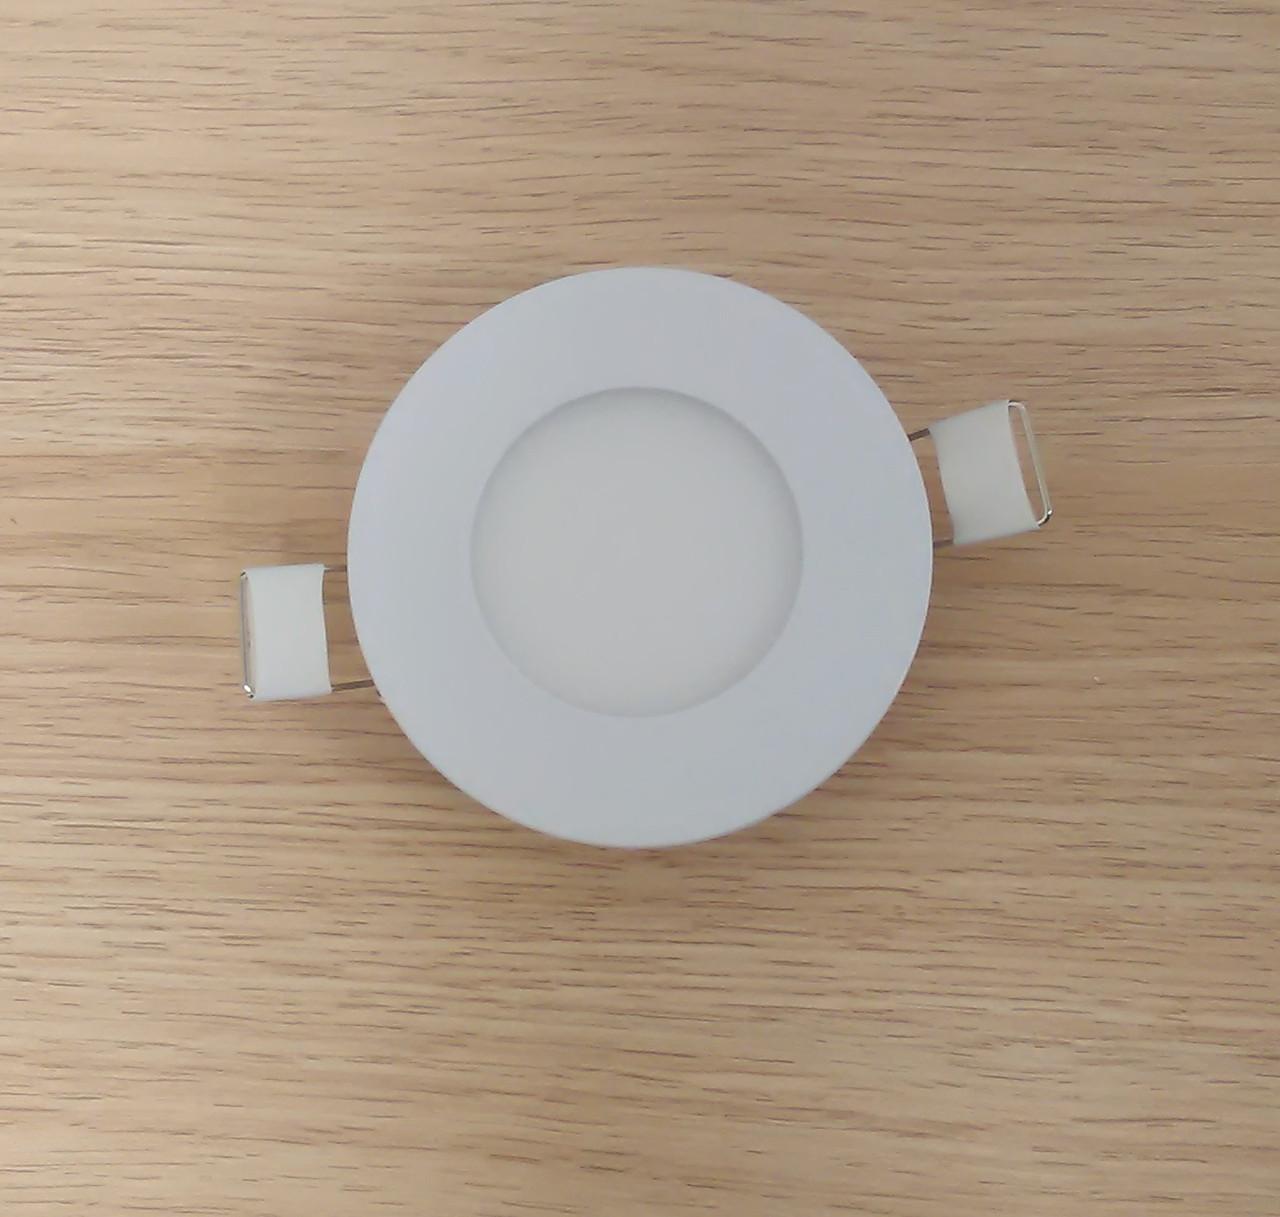 Світильник врізний Світильник LED 3W 6500K/4000К/3000К діаметр 85мм круглий алюмінієвий корпус !